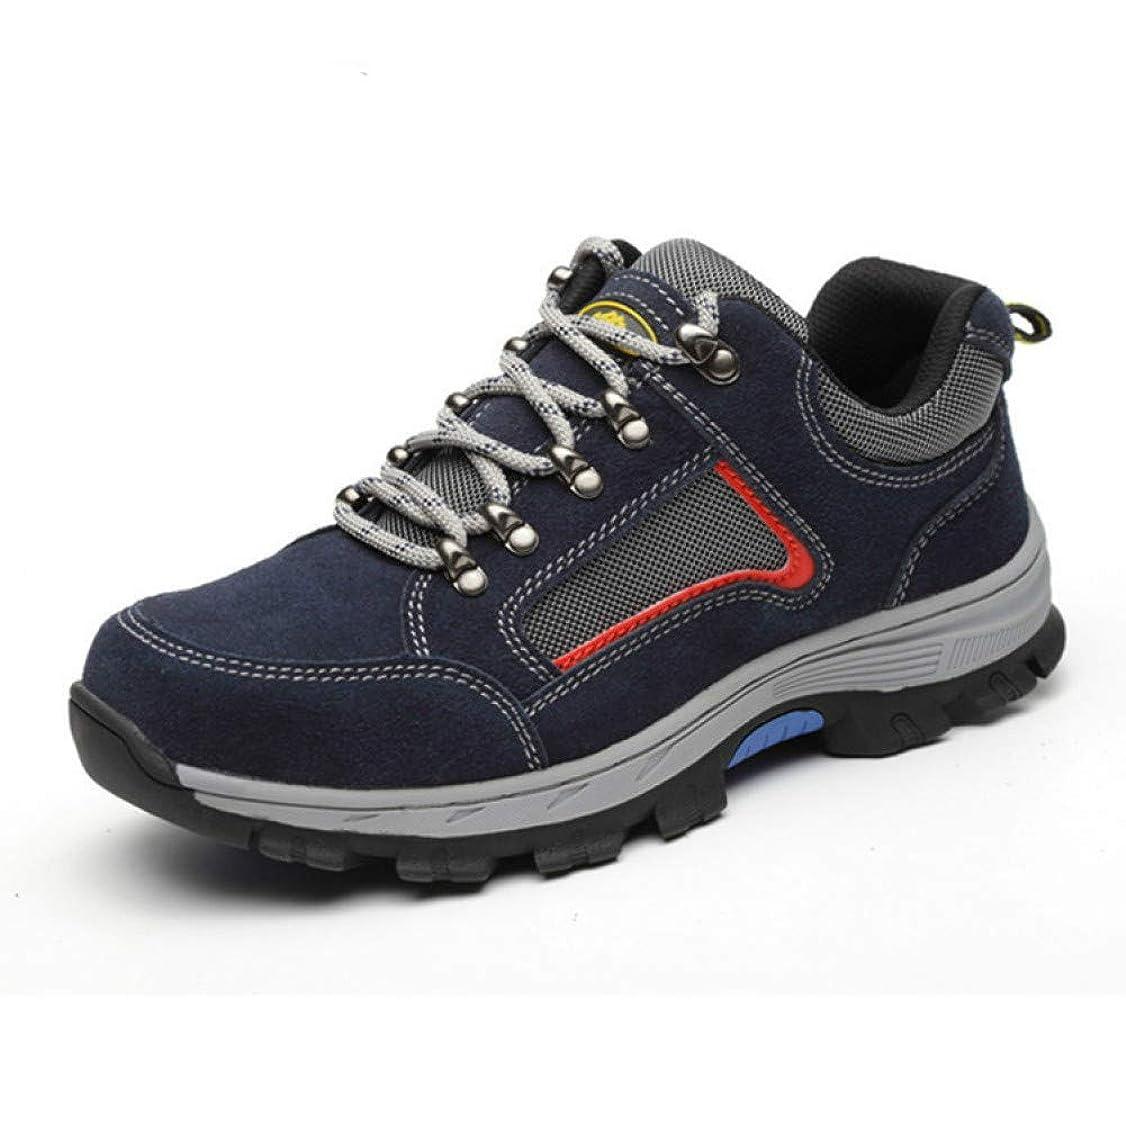 もっと勝つポンペイ安全靴 作業靴 メンズ レディース 登山靴 つま先保護 耐磨耗 衝撃吸収